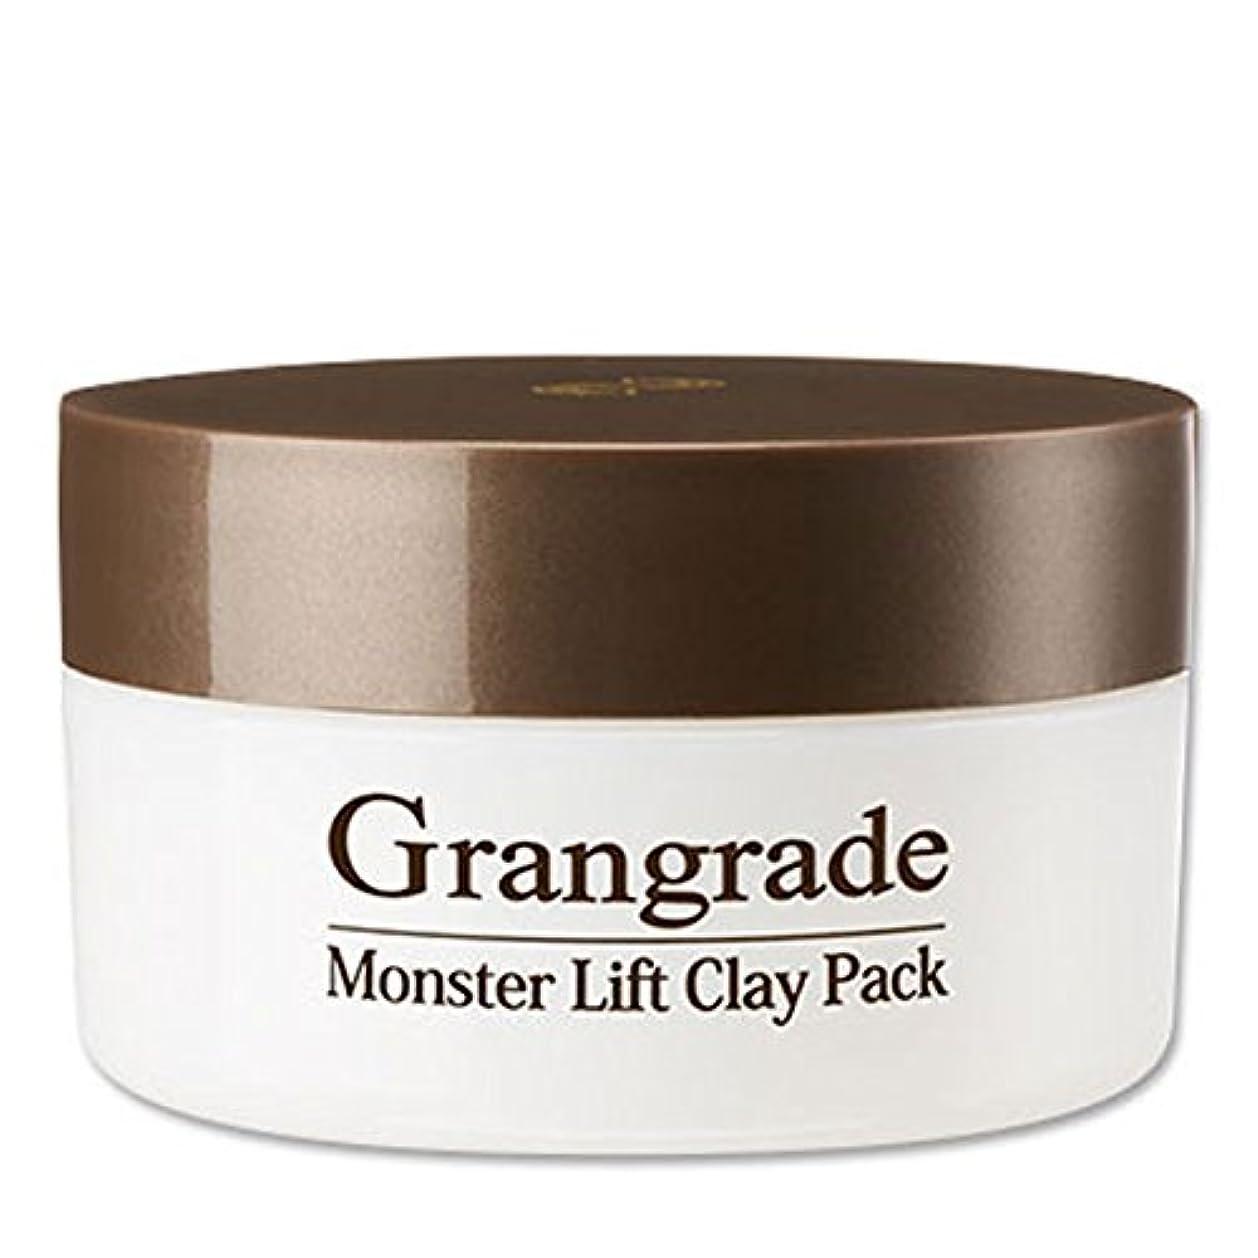 三ぶら下がる郊外Grangrade グラングレイ モンスターリフトクレイパック